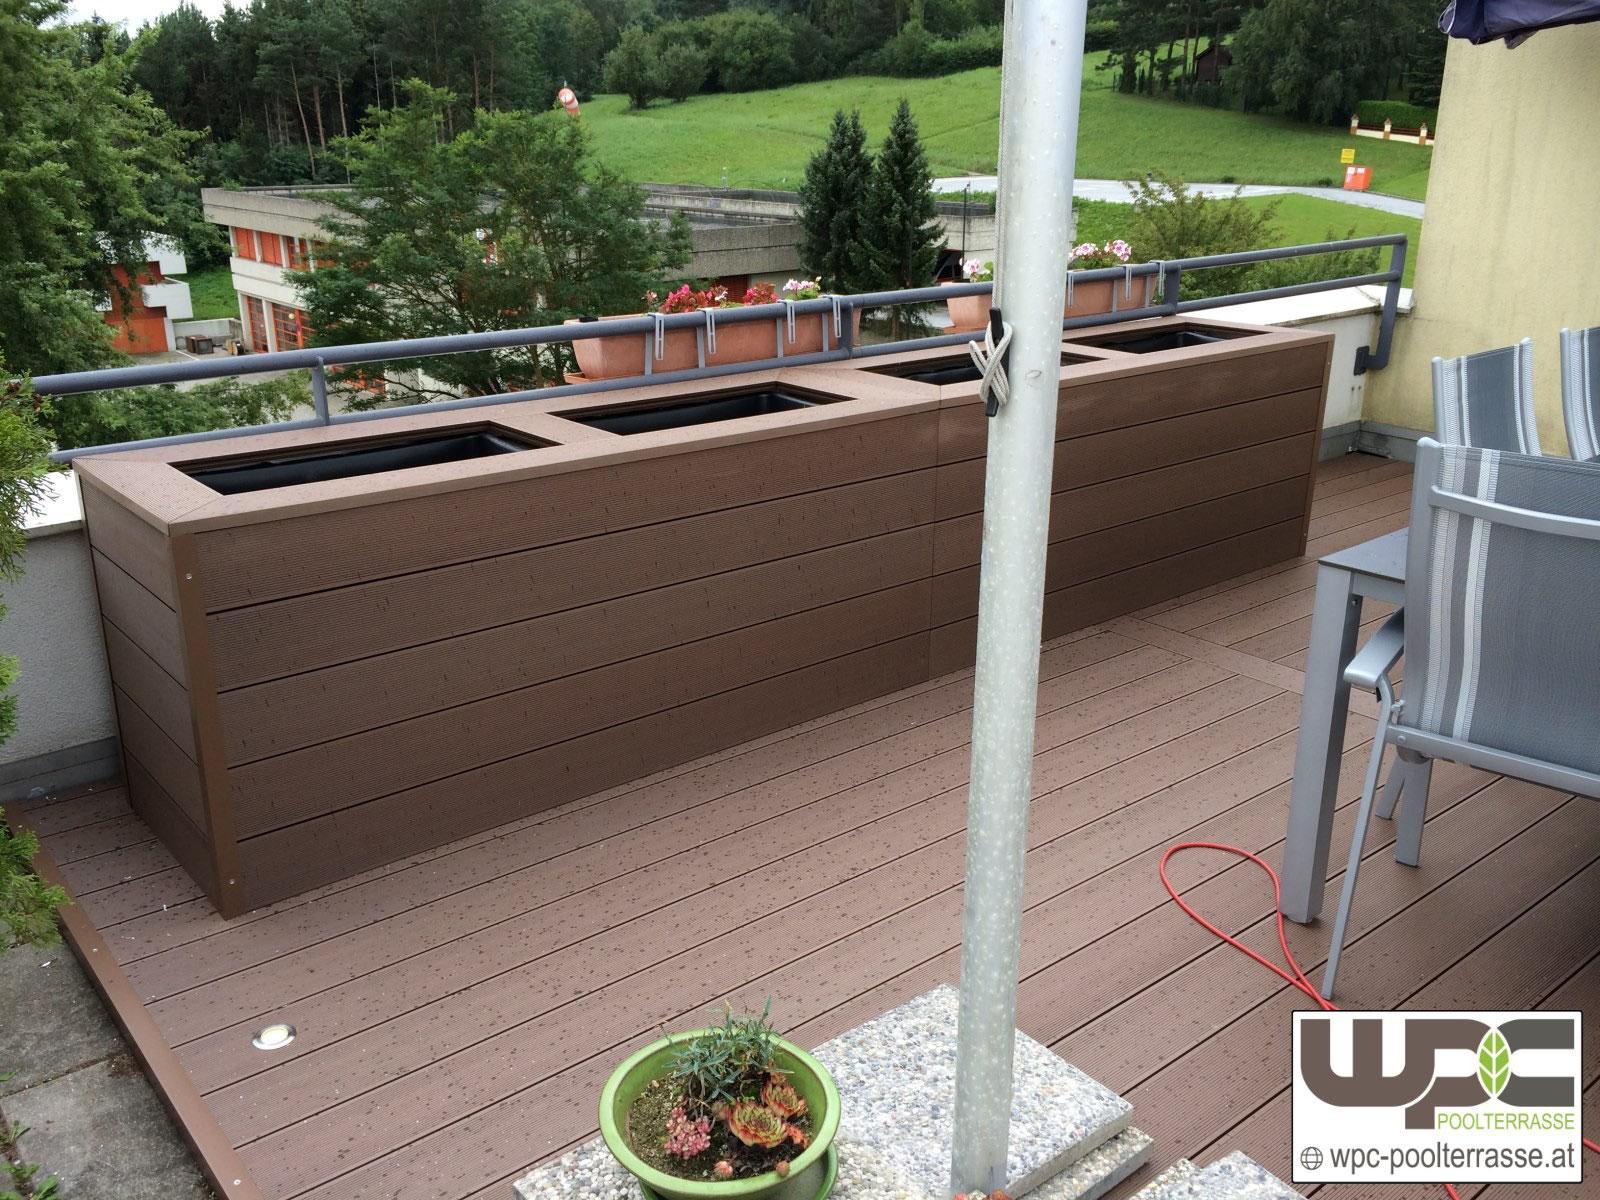 Bambus Bpc Wpc Projekte Aktuell Wpc Poolterrasse Adorjan